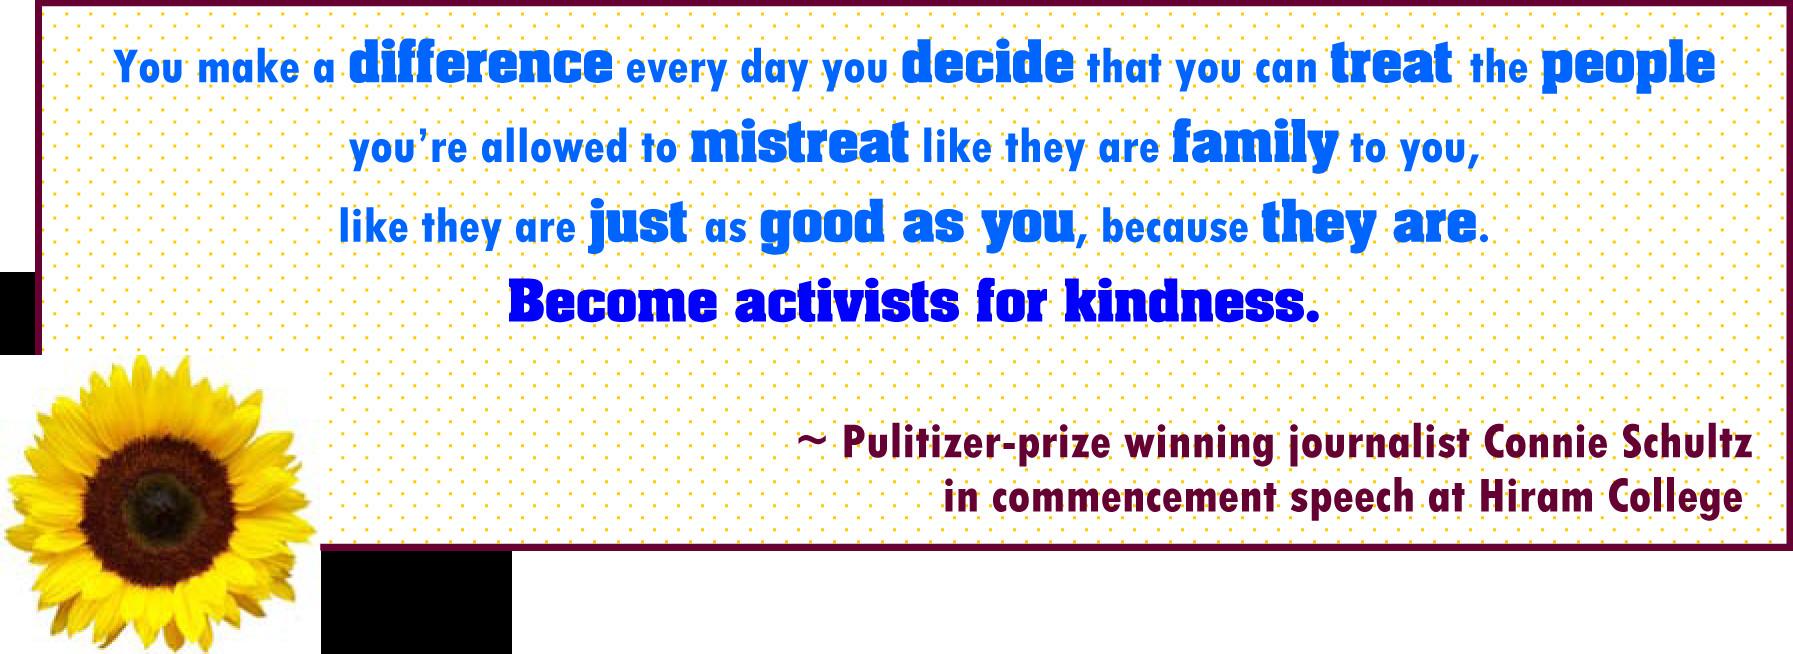 Quotes For Graduation Speeches  Closing Quotes For Speeches QuotesGram